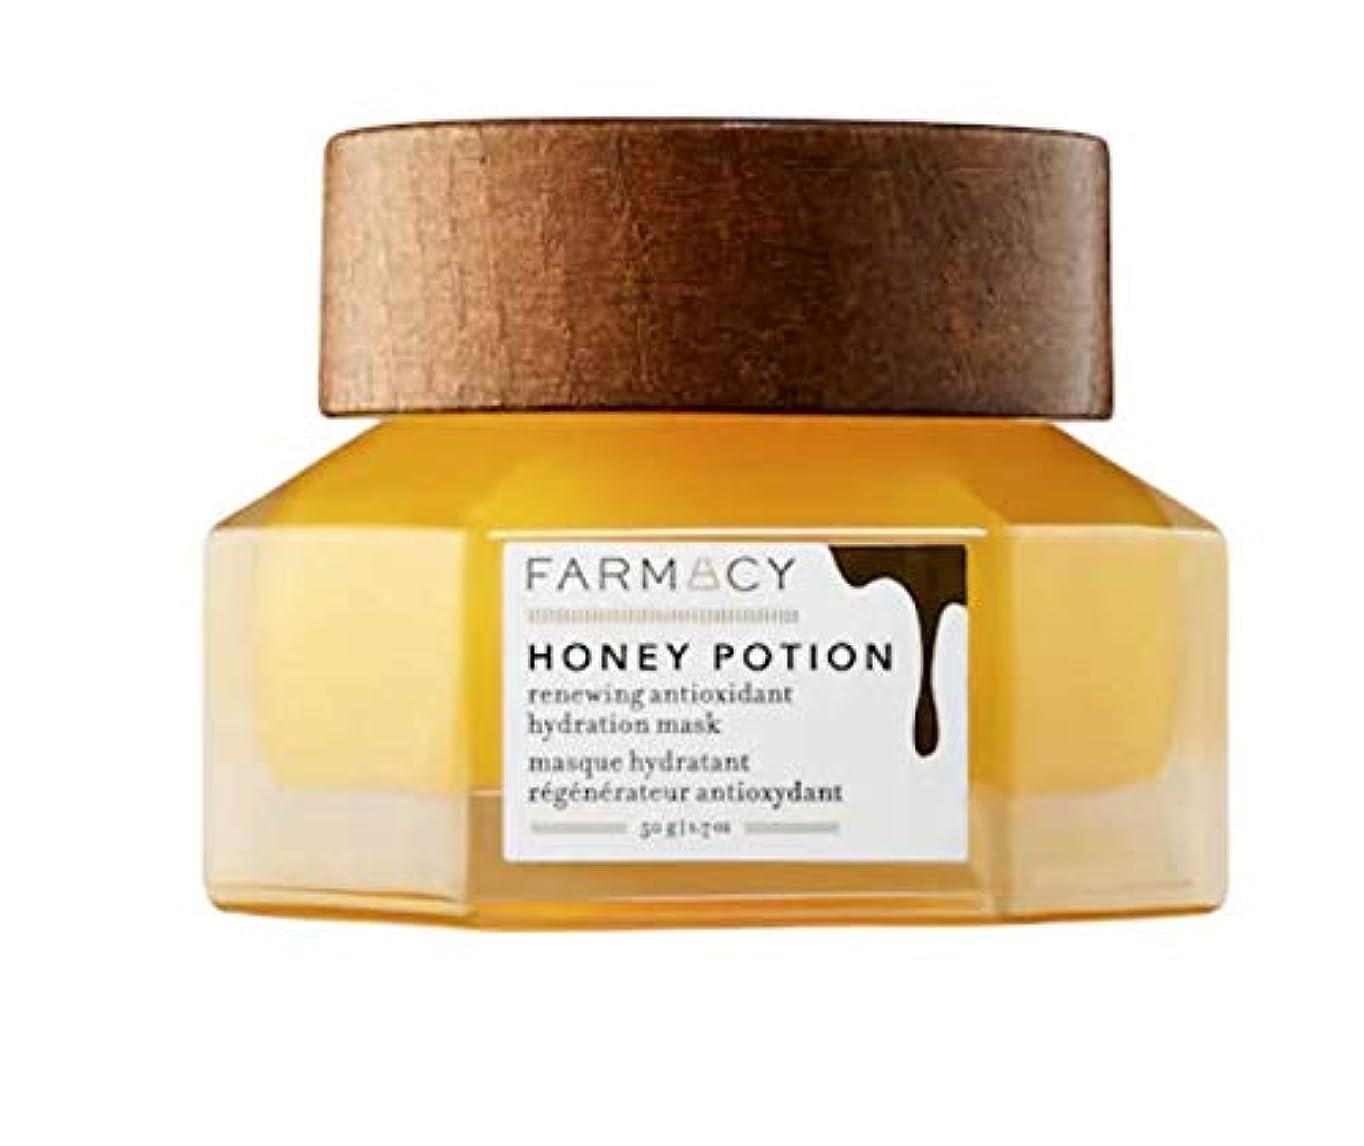 悪性の不変矩形ファーマシー FARMACY ハニーポーション リニューイング アンチオキシデント ハイドレーションマスク 50g?Honey Potion Renewing Antioxidant Hydration Mask